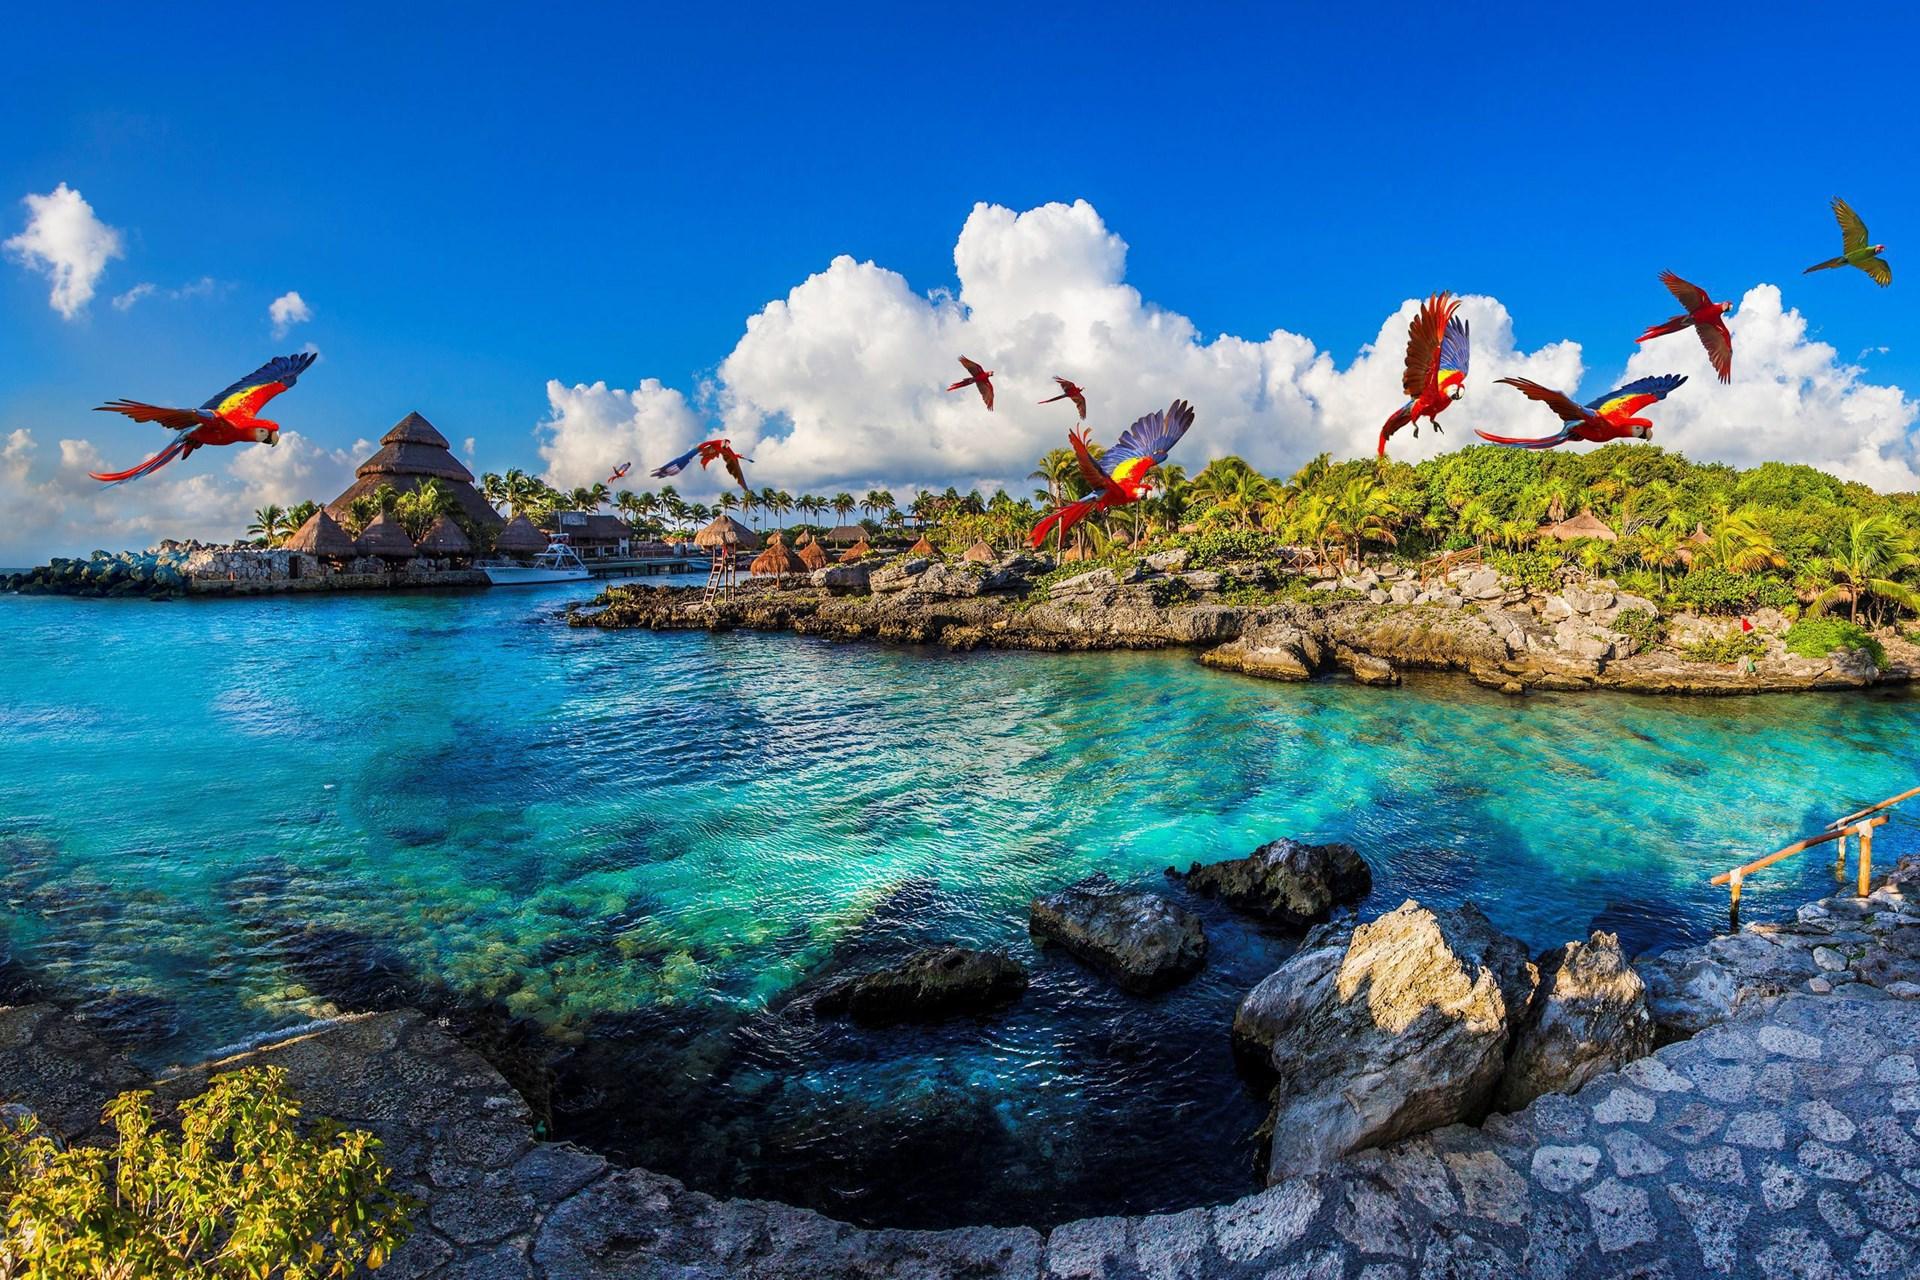 mexique-cancun-photos